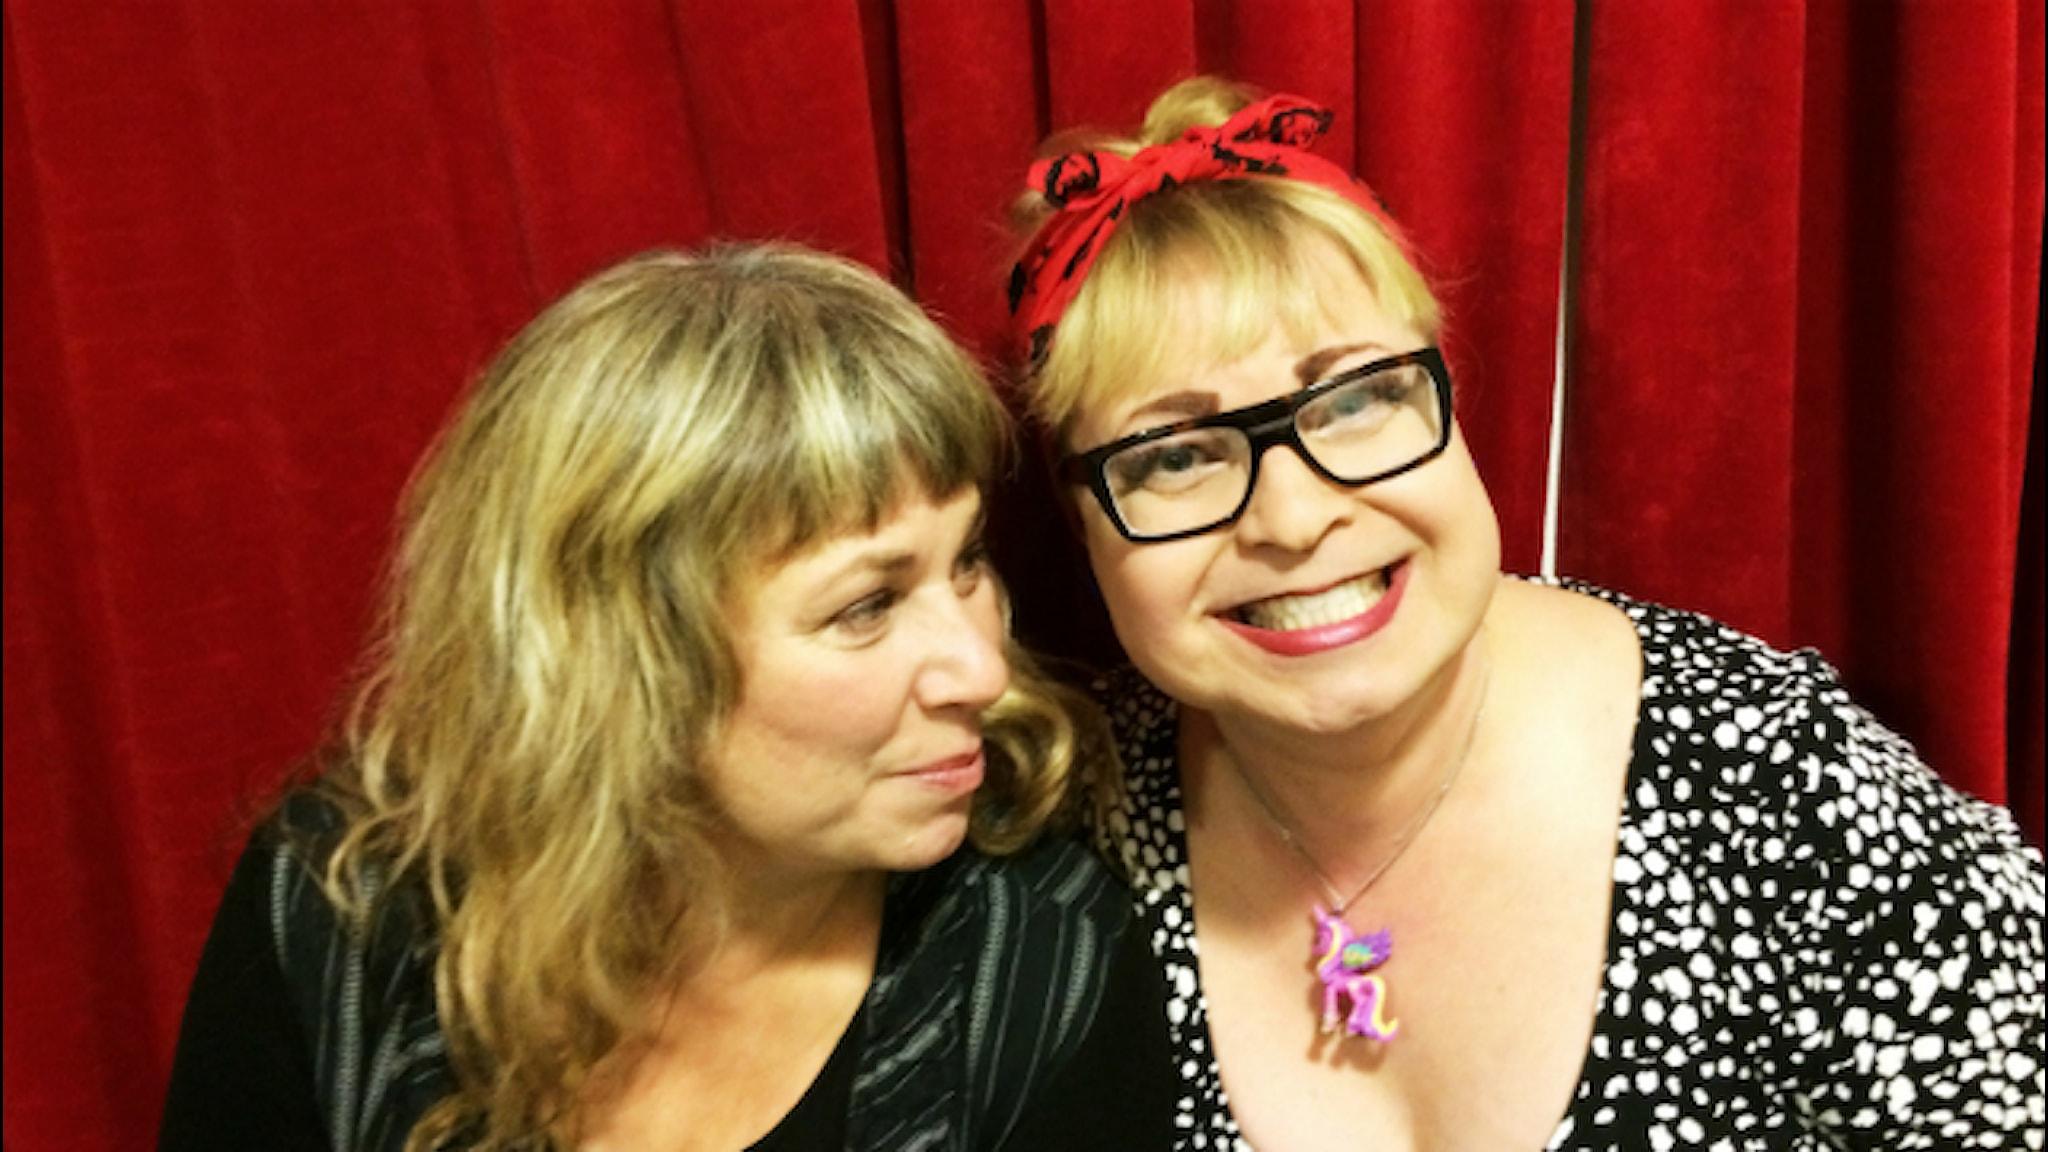 Stina och Johanna. Foto: Sandra Gunnarsson / SR.